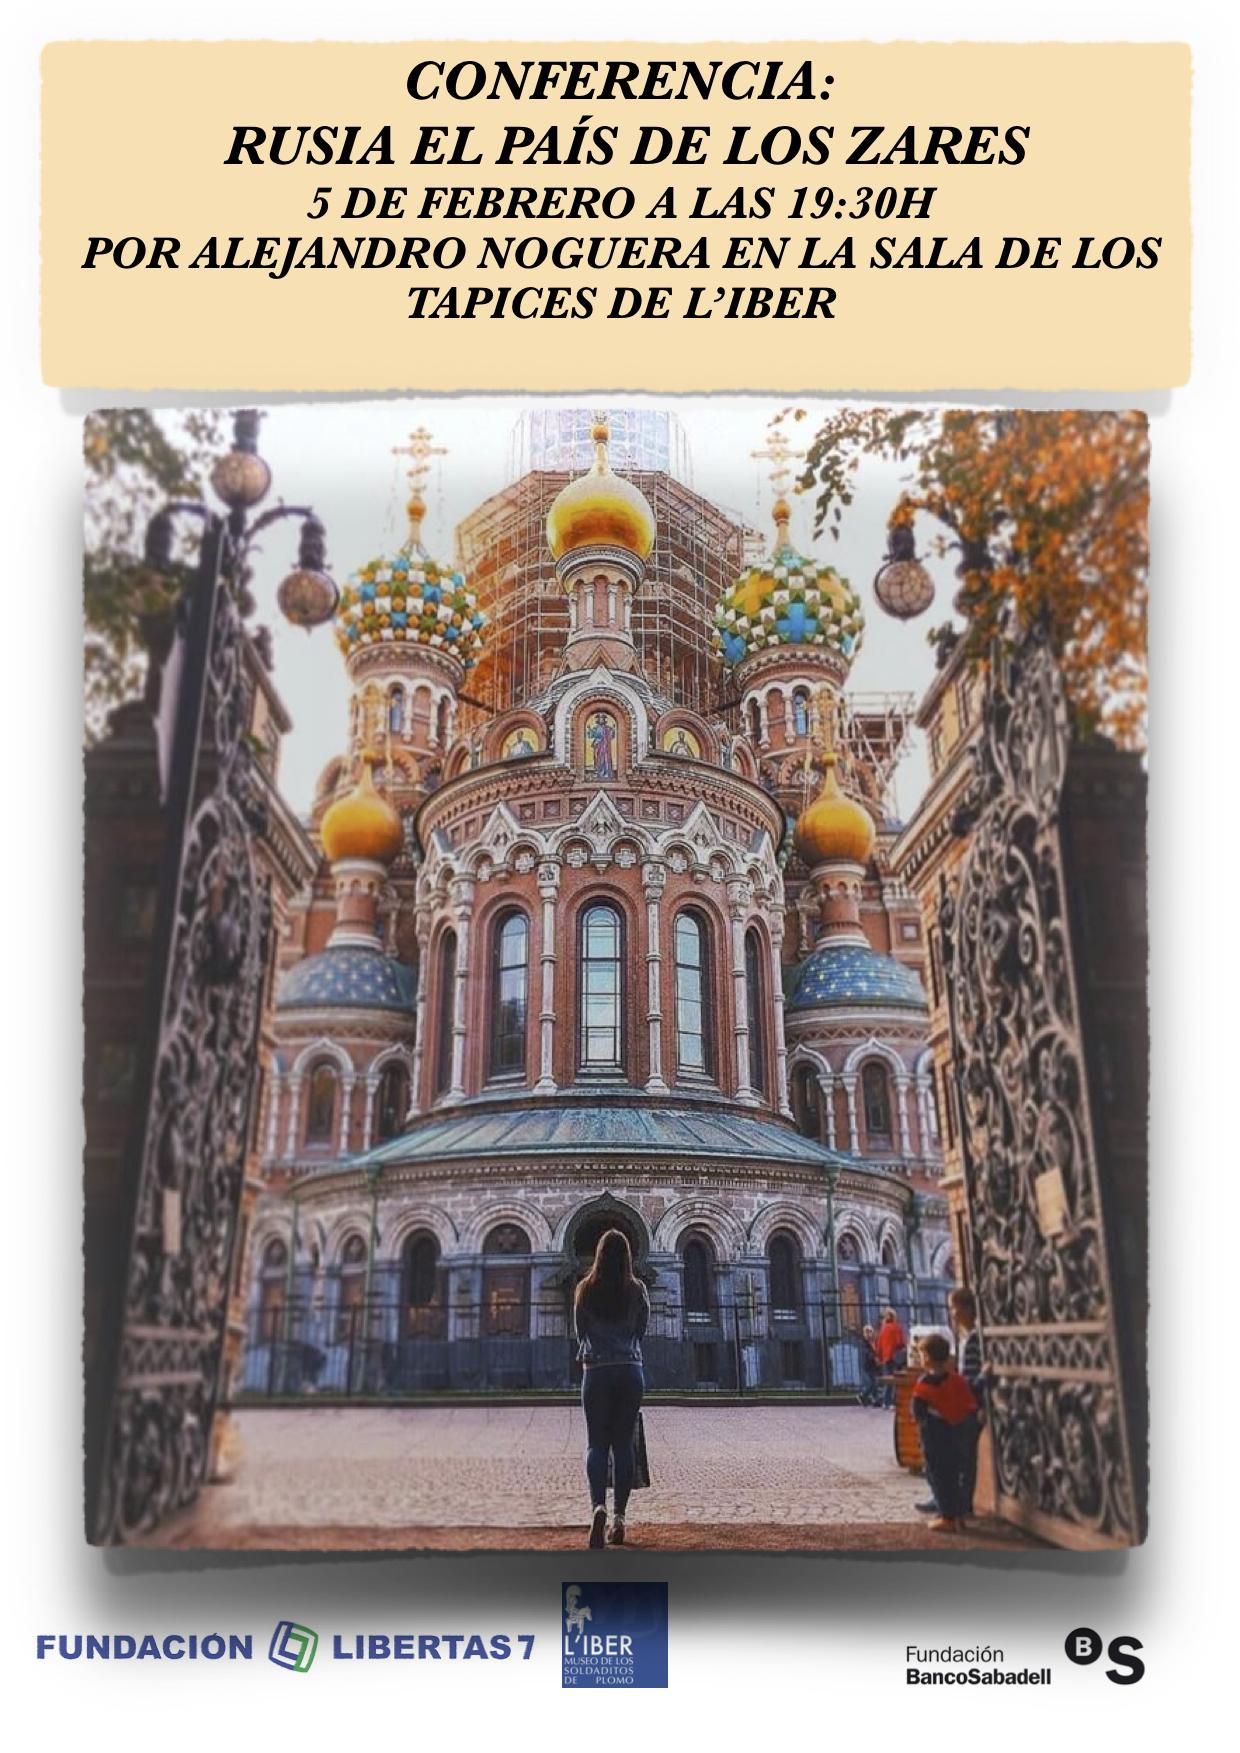 Conferencia Rusia: Las capitales de los zares Próximo 5 de febrero en la sala de los tapices de L'Iber, Museo de los soldaditos de plomo.